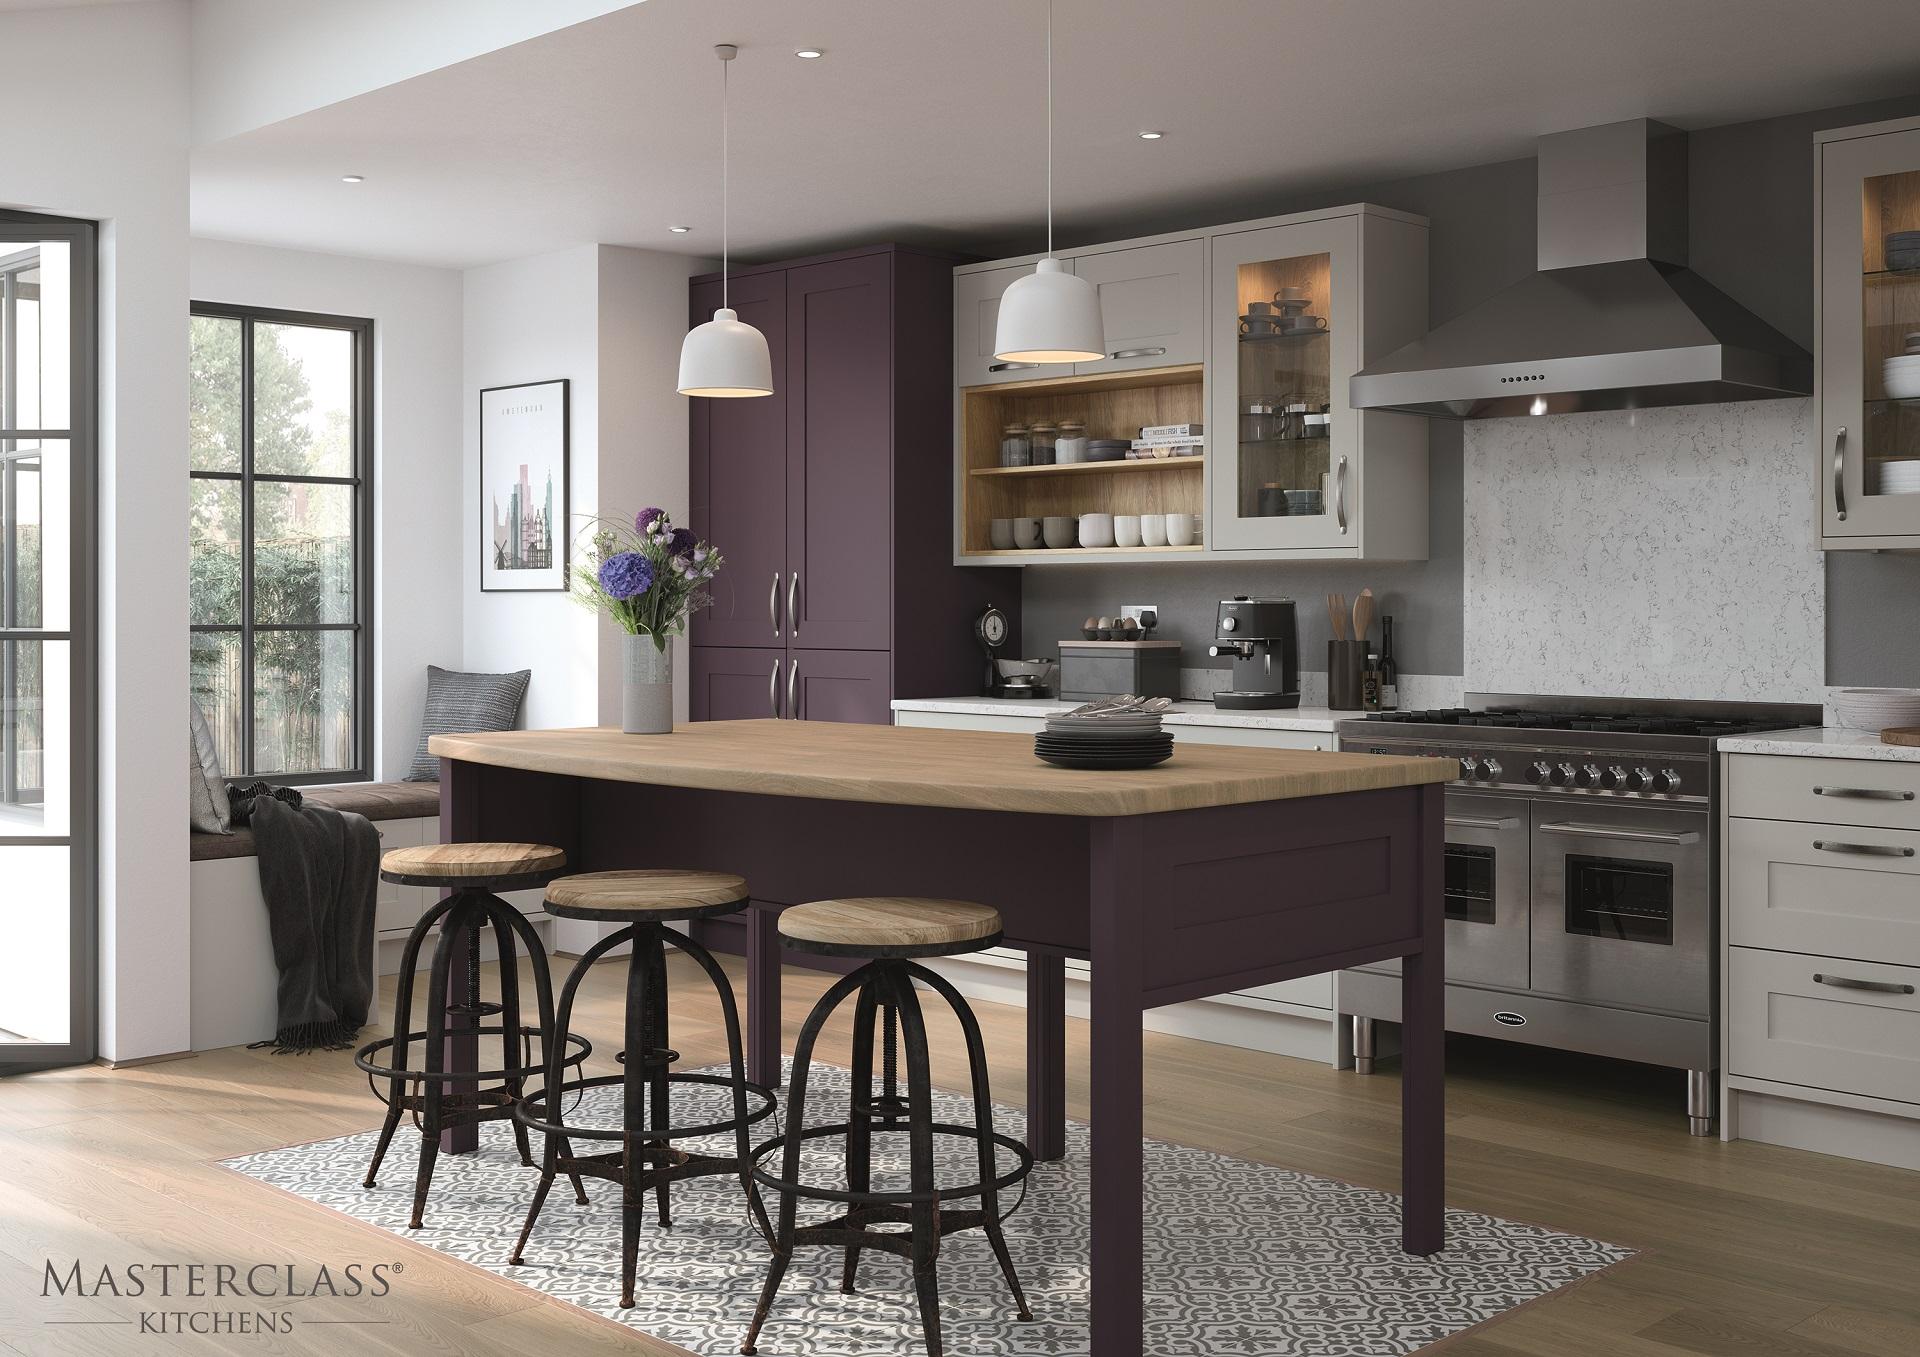 MARLBOROUGH_MAIN_MULBERRY_SCOTS_GREY luxury designer shaker kitchen